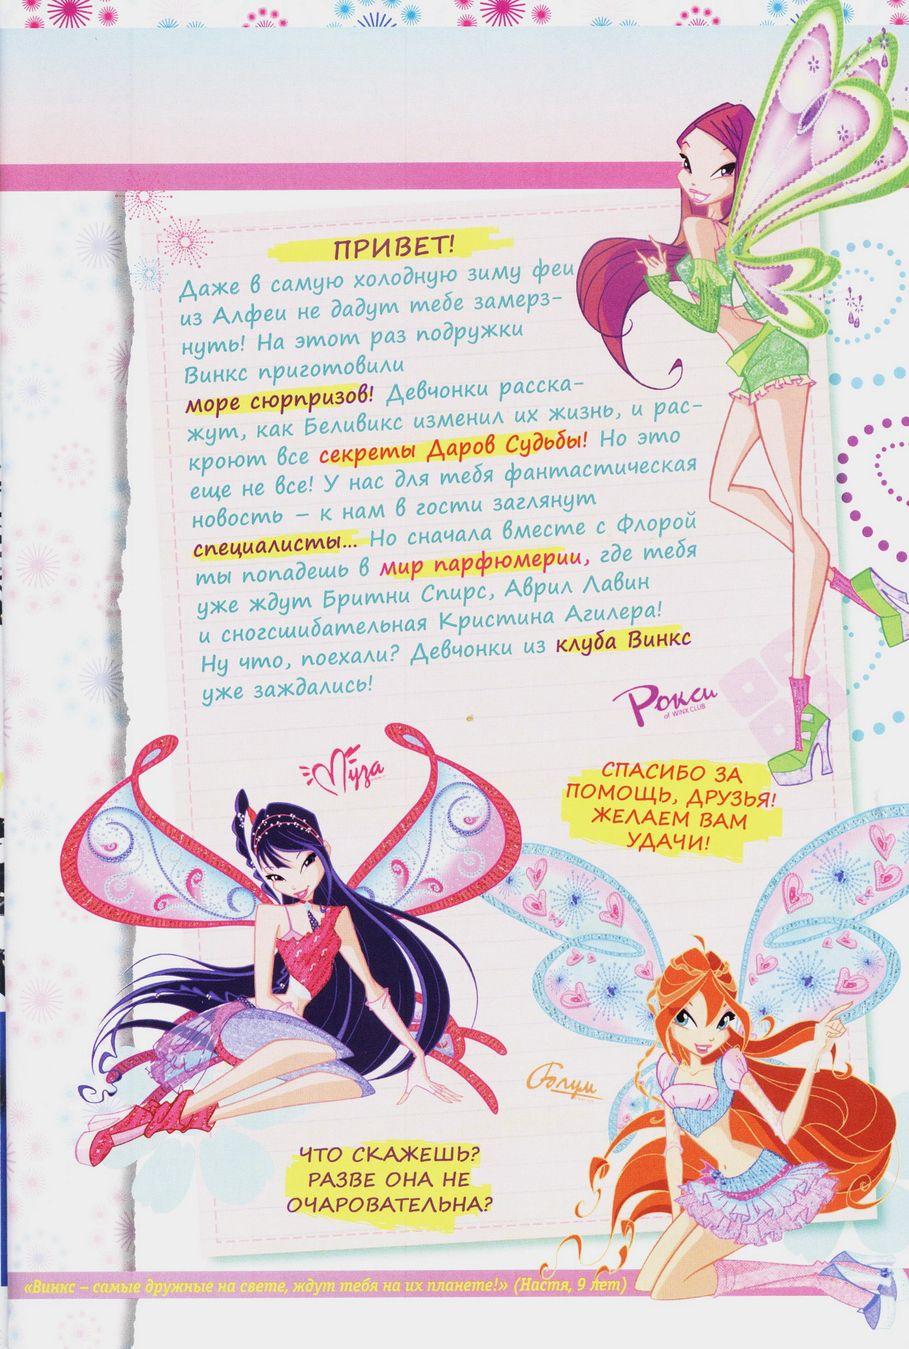 Комикс Винкс Winx - Любовь и долг (Журнал Винкс №2 2011) - стр. 5